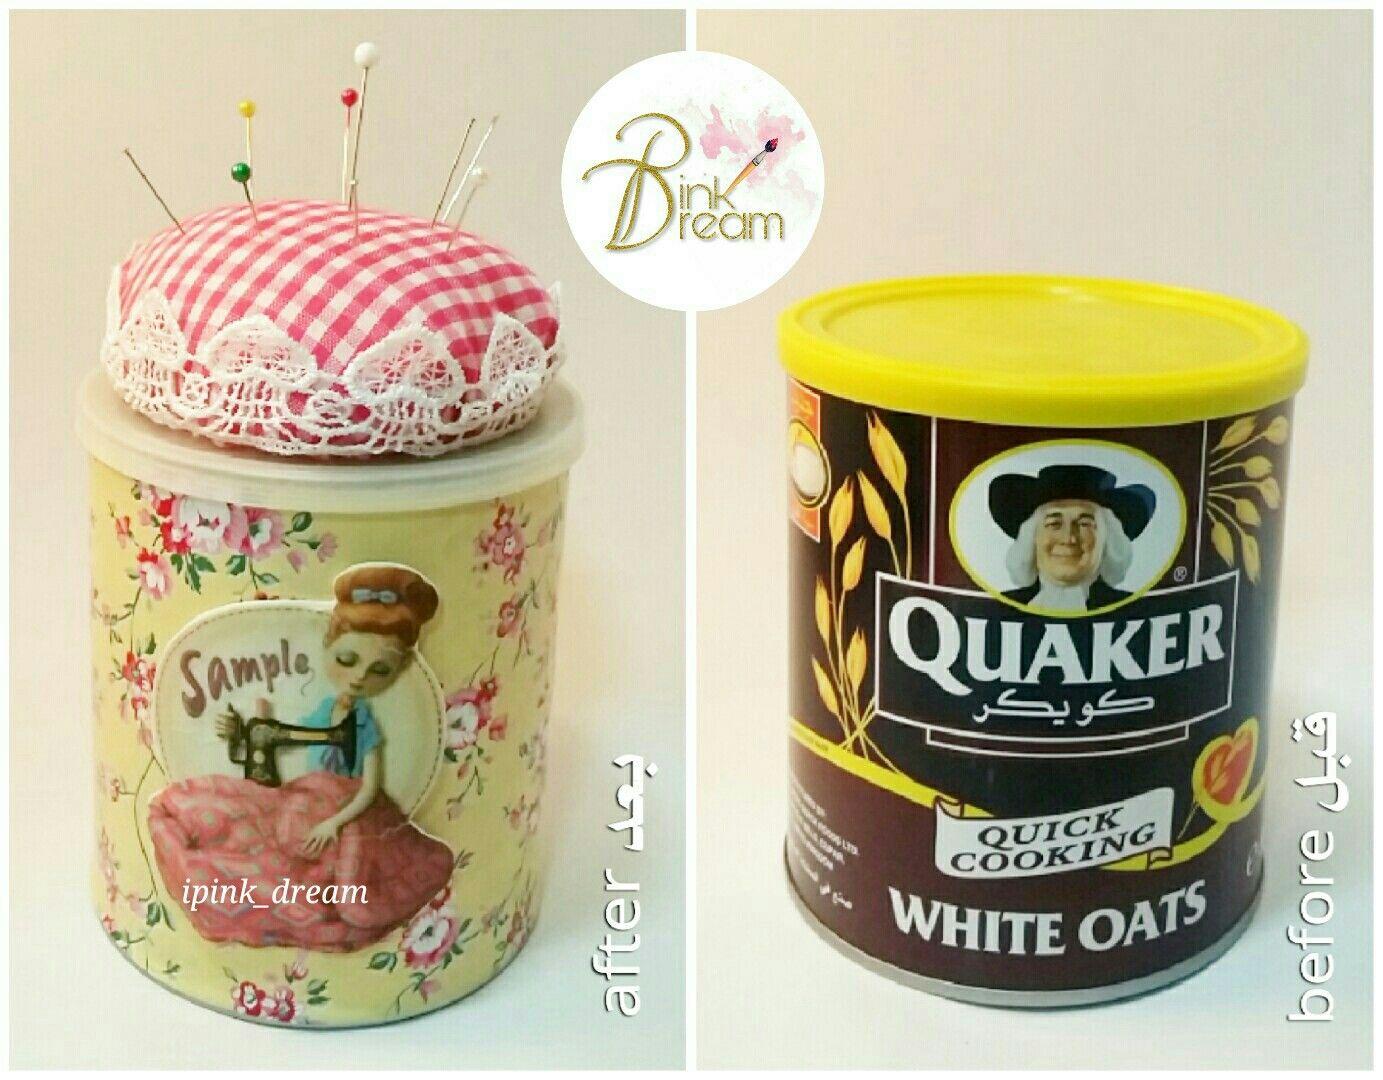 إعادة استخدام علب الشوربة الفارغة لتصبح حافظة لأدوات الخياطة اعادة تدوير Recycle Diy And Crafts Coffee Cans Crafts